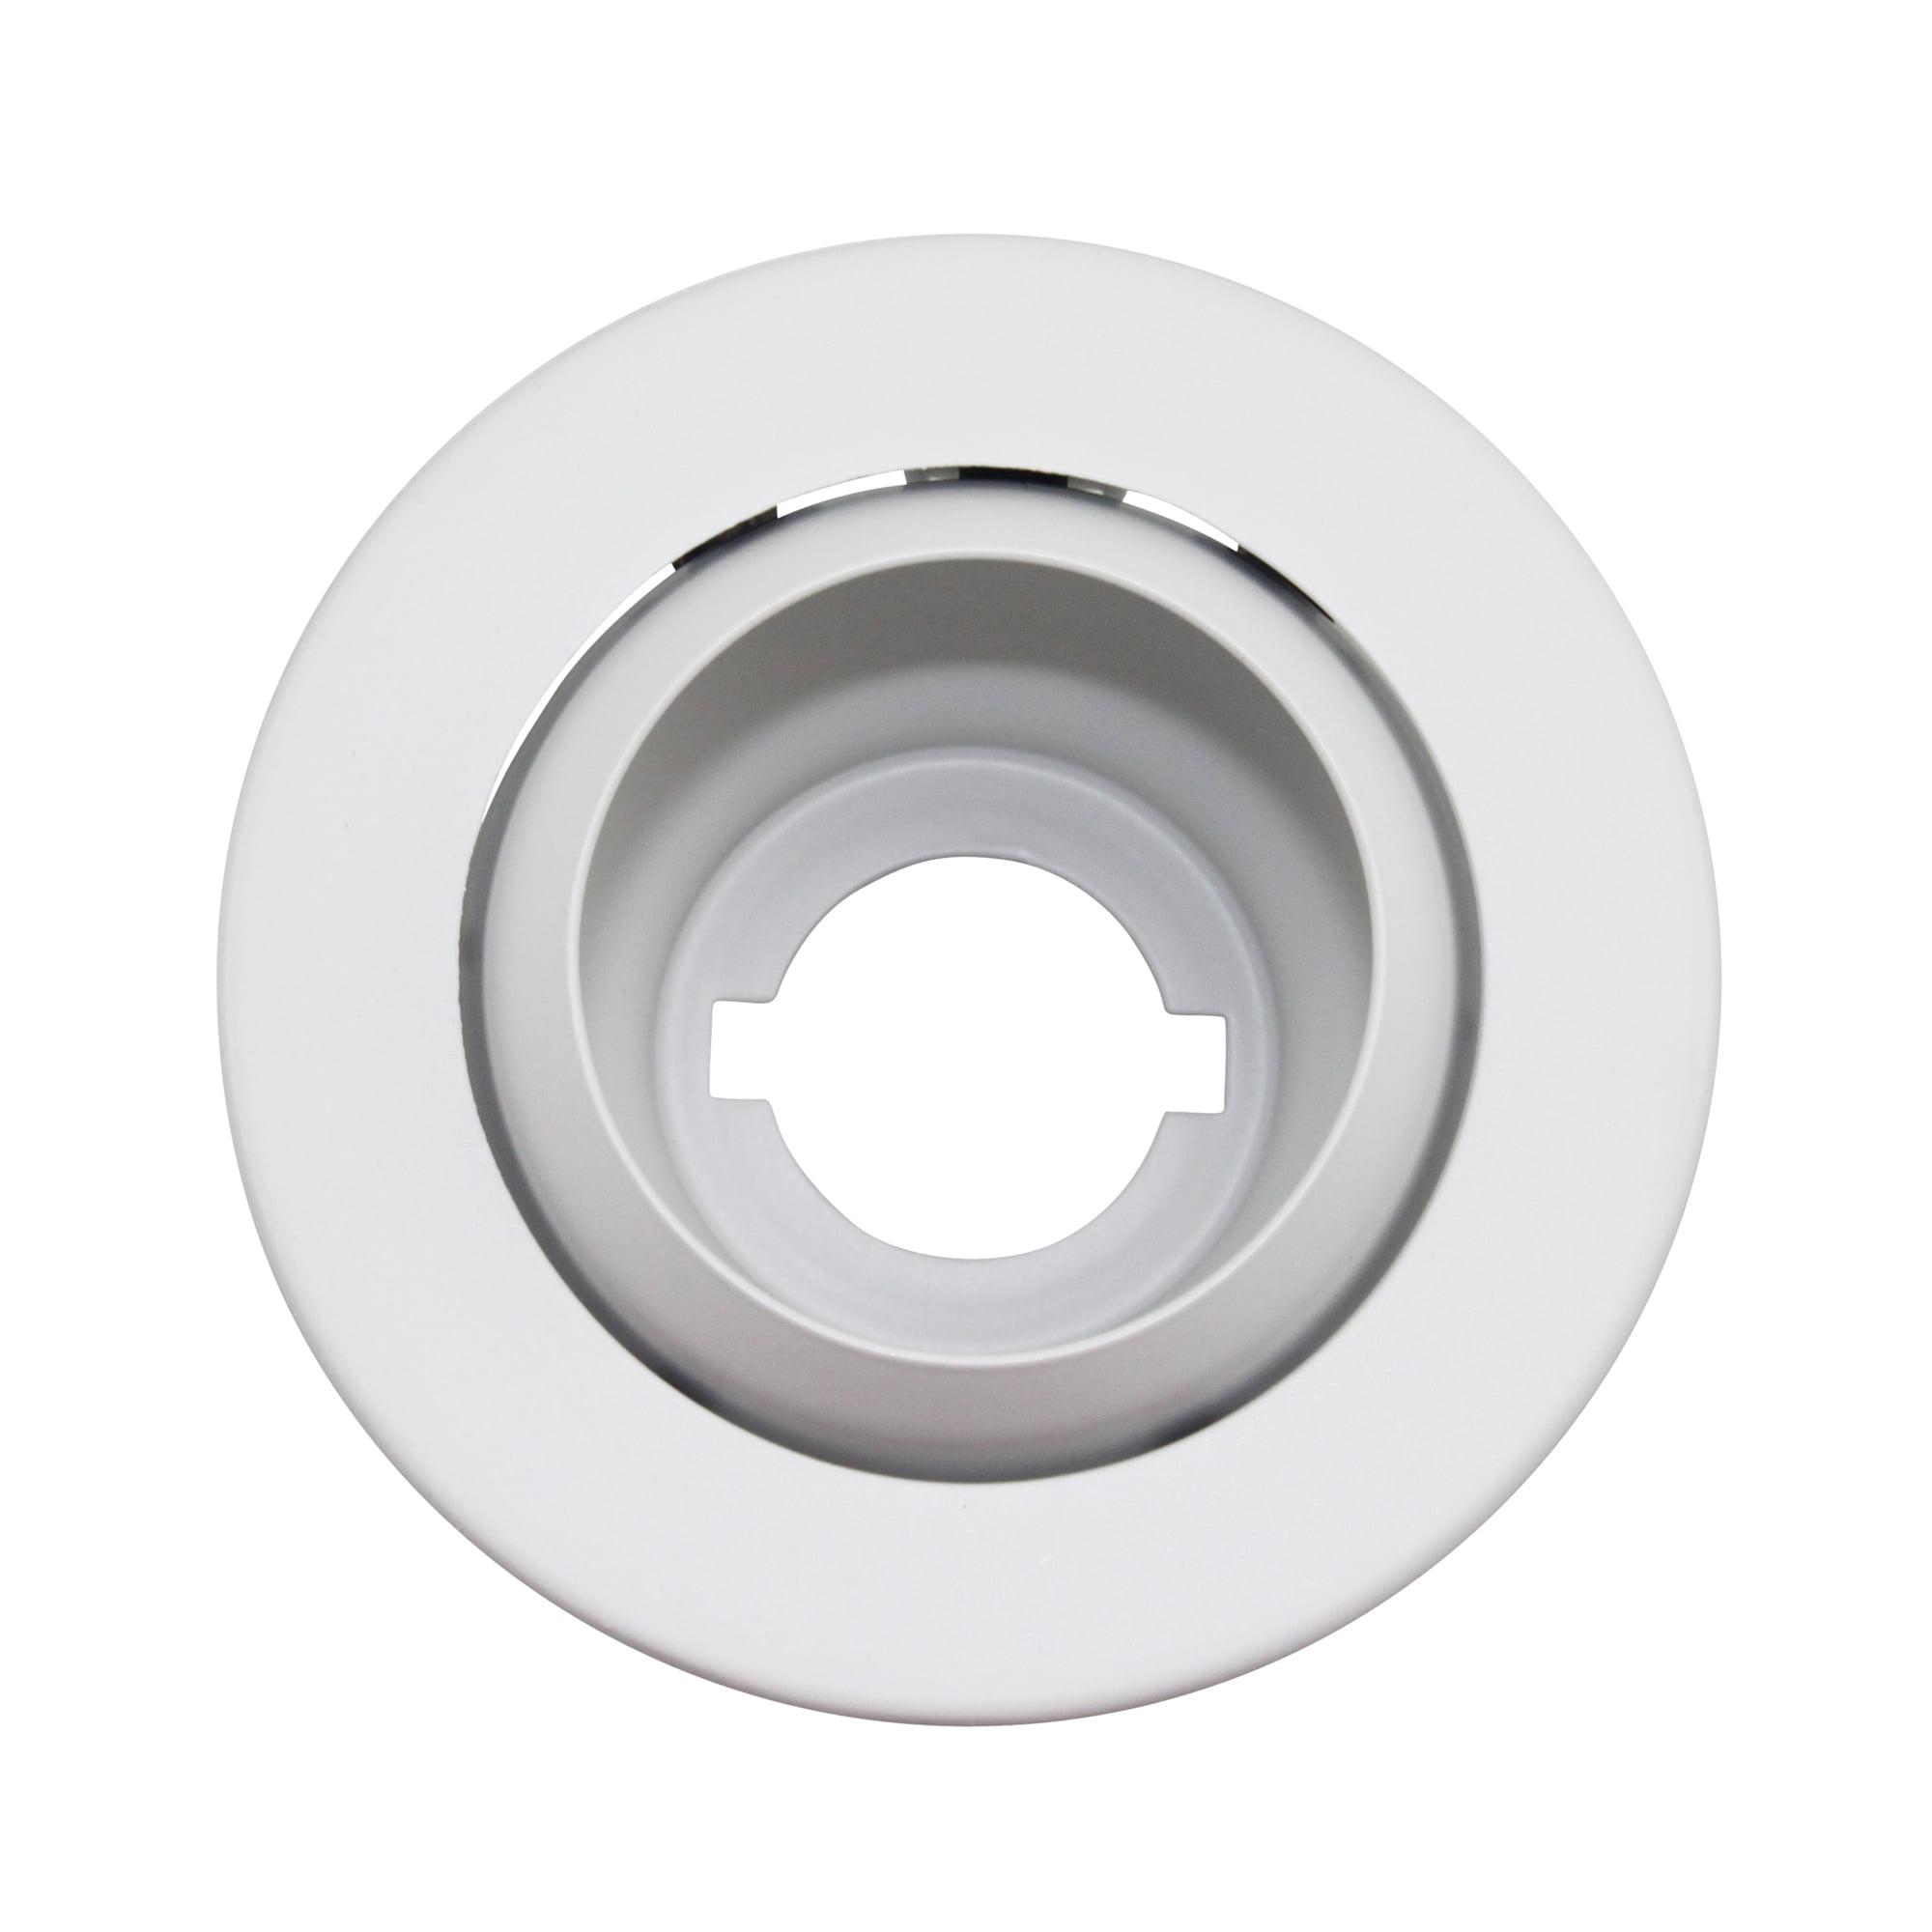 Capri Lighting R408 4 Adjule